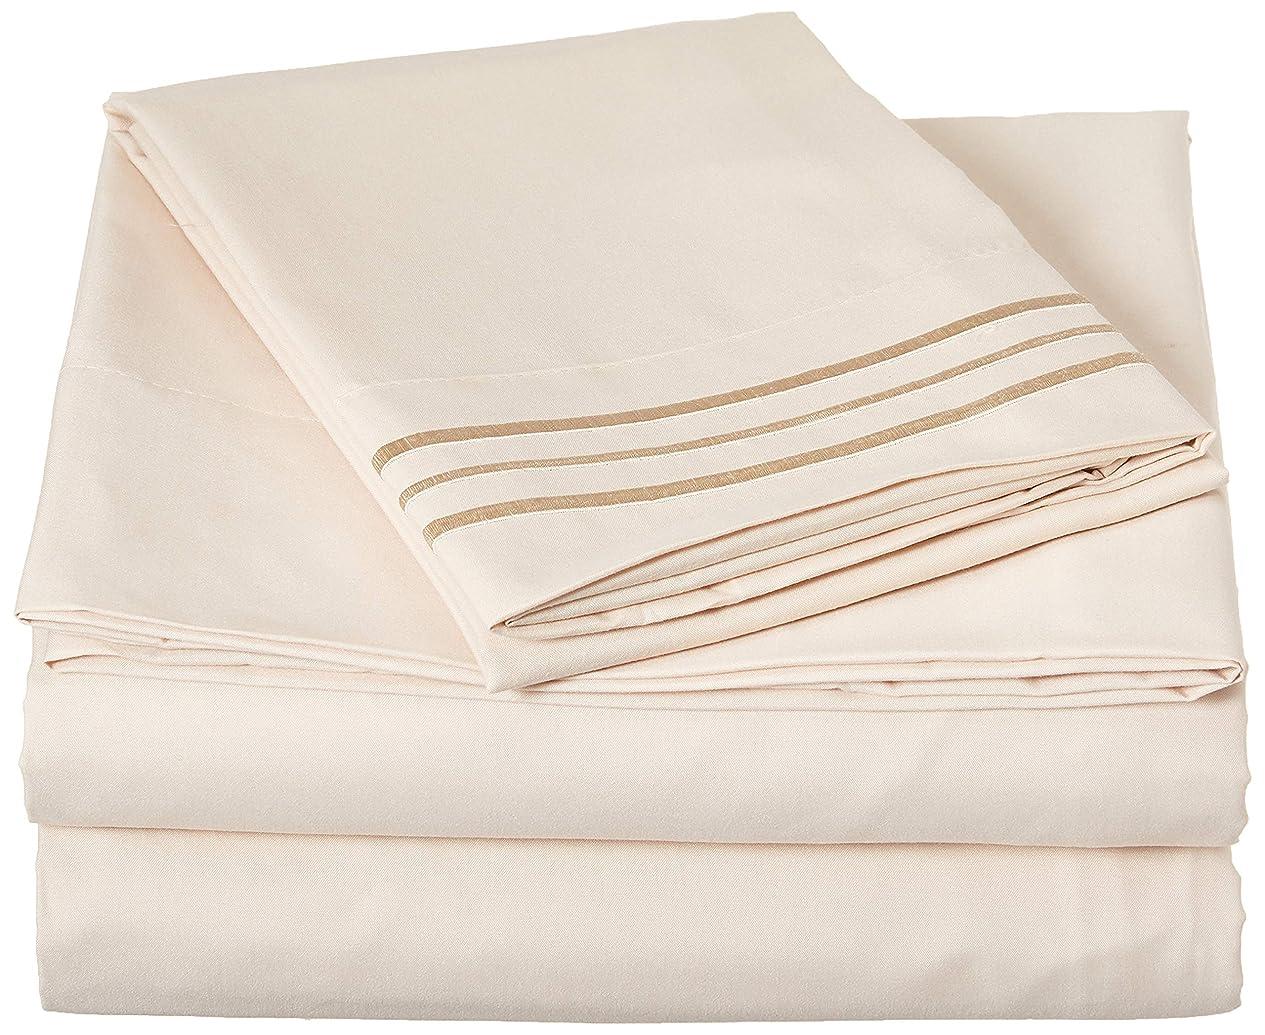 キリスト失業天Elegant Comfort ベッドシーツ 4点セット贅沢な柔らかさのスレッド数1500 エジプト品質 しわ&色あせ防止 深型ポケットシーツ 22色 ツイン/フル/クイーン/キング/カリフォルニアキング各サイズ ツイン ベージュ FBA_COMIN18JU058046